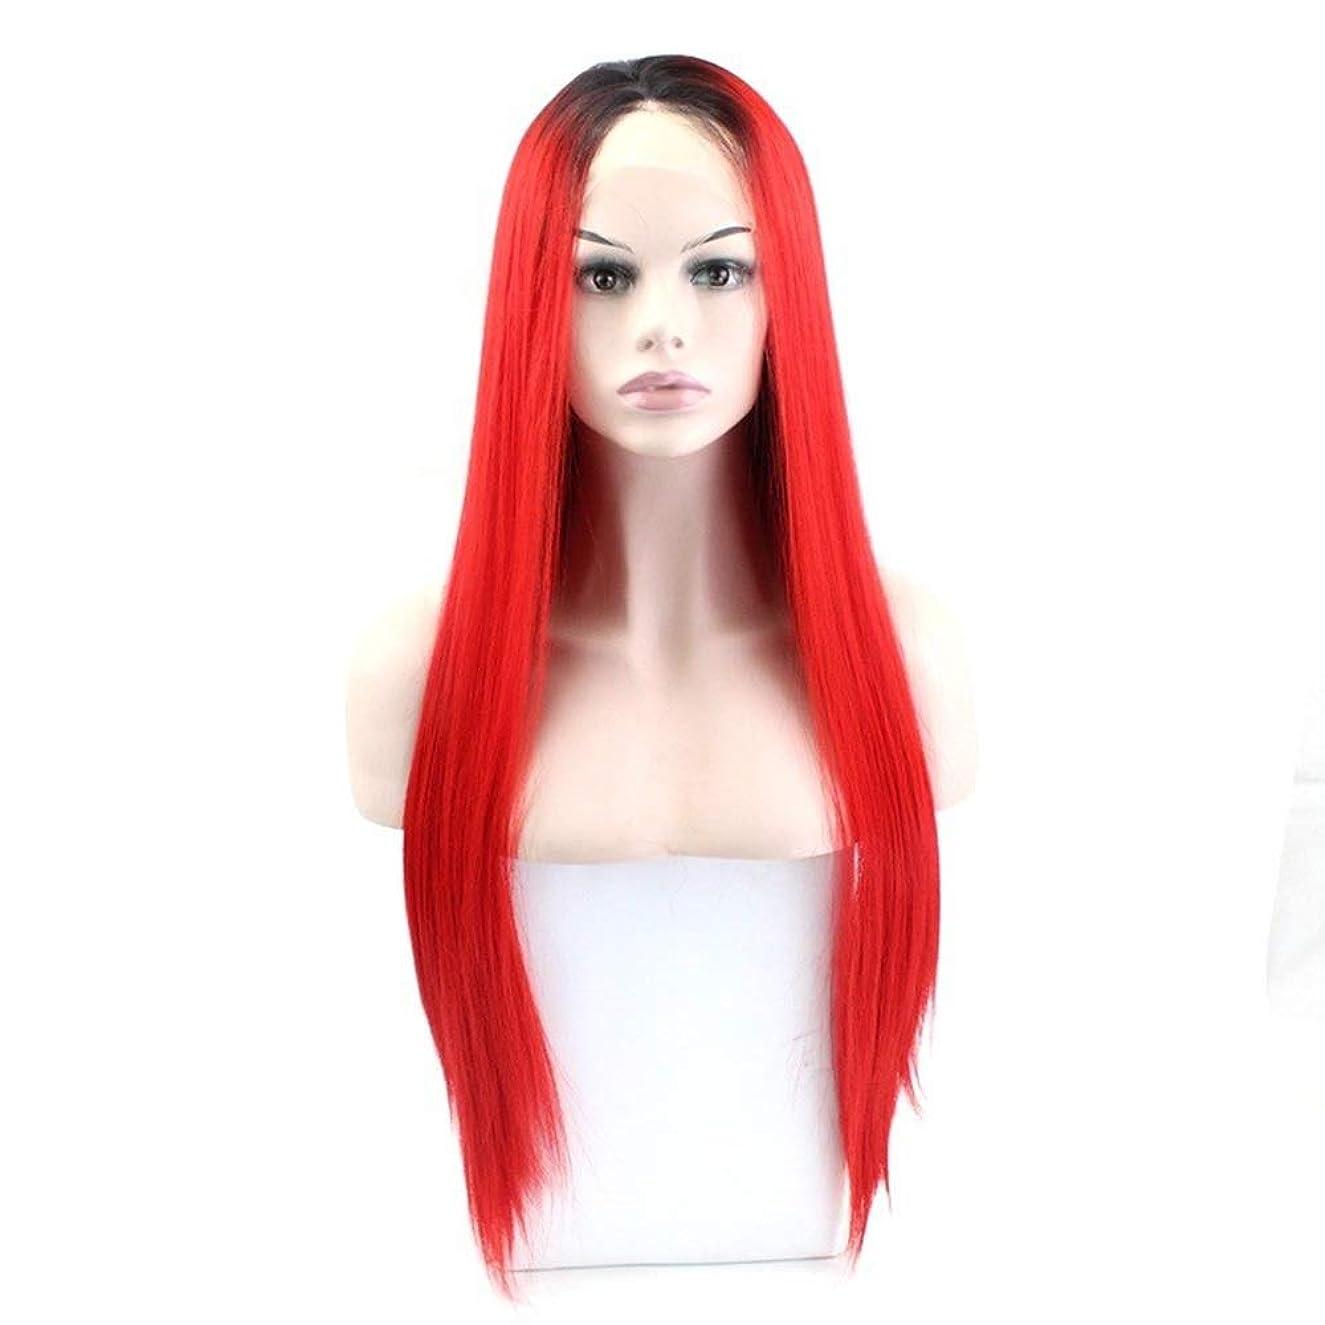 スイ鎮静剤評議会ZXF ヨーロッパとアメリカのかつら女性のフロントレース化学繊維かつらレースのかつら長い髪のワインレッドの高温シルクのかつらを染めることができます 美しい